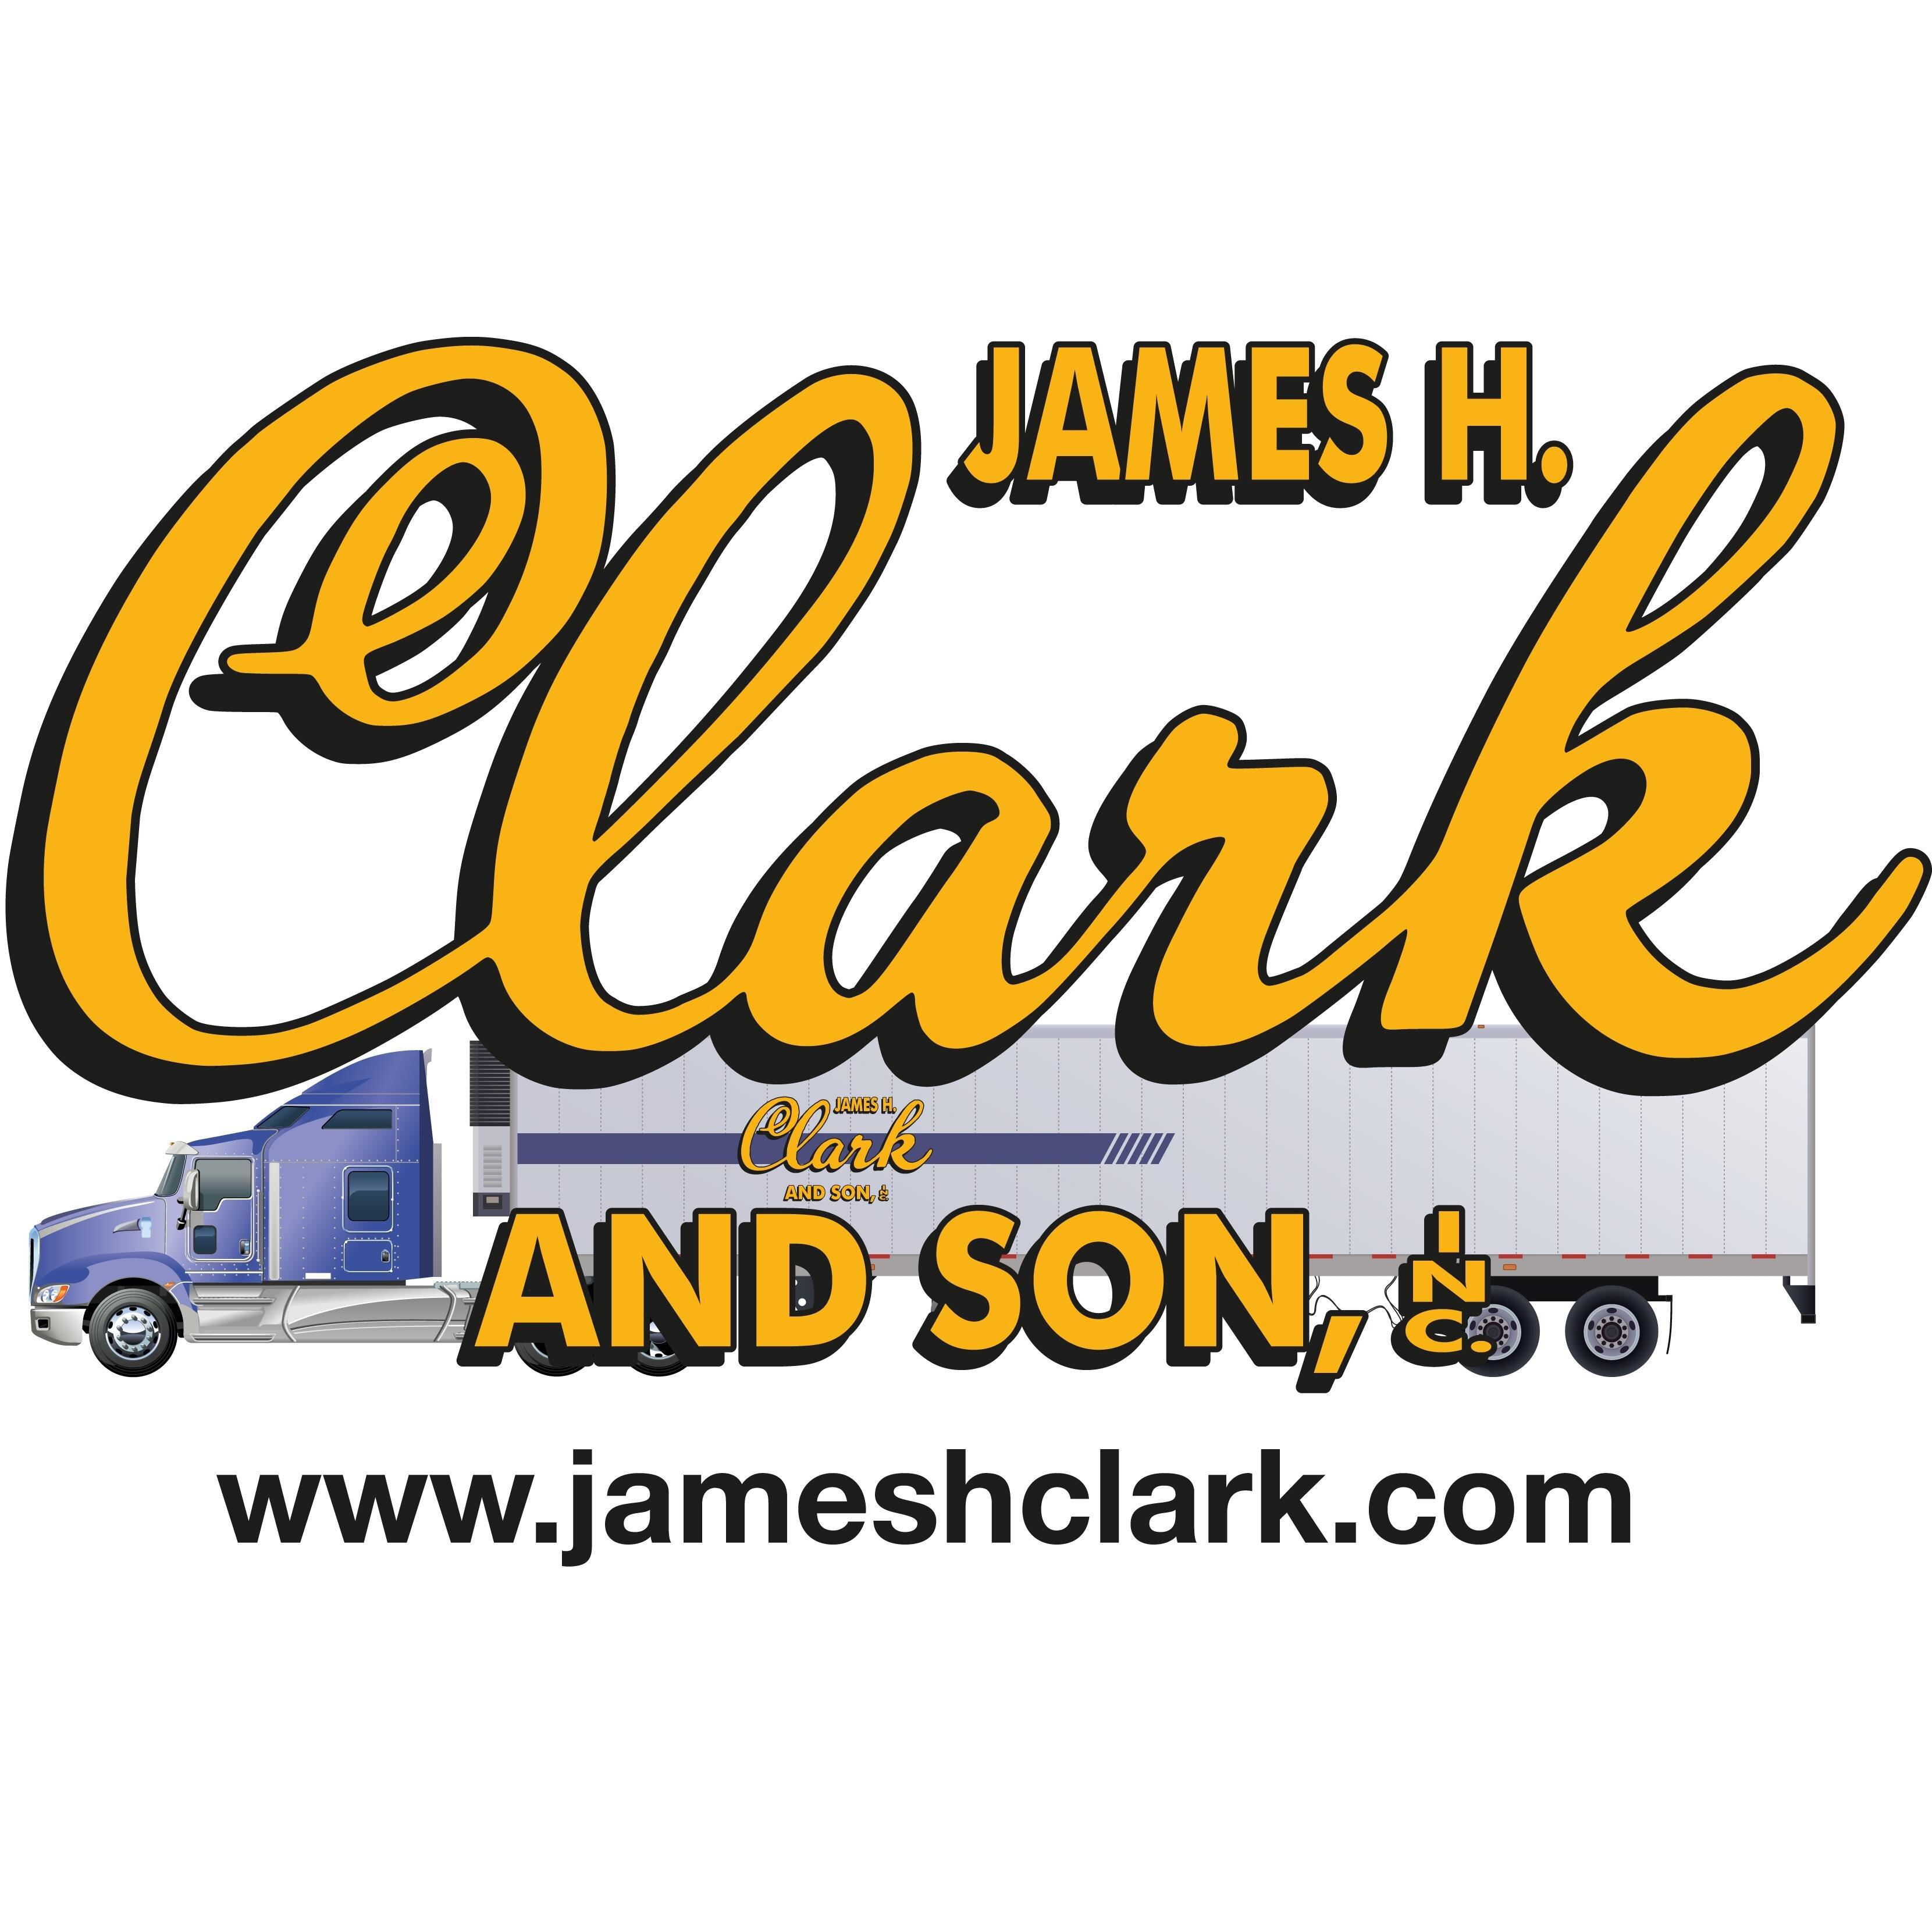 James H Clark & Son logo